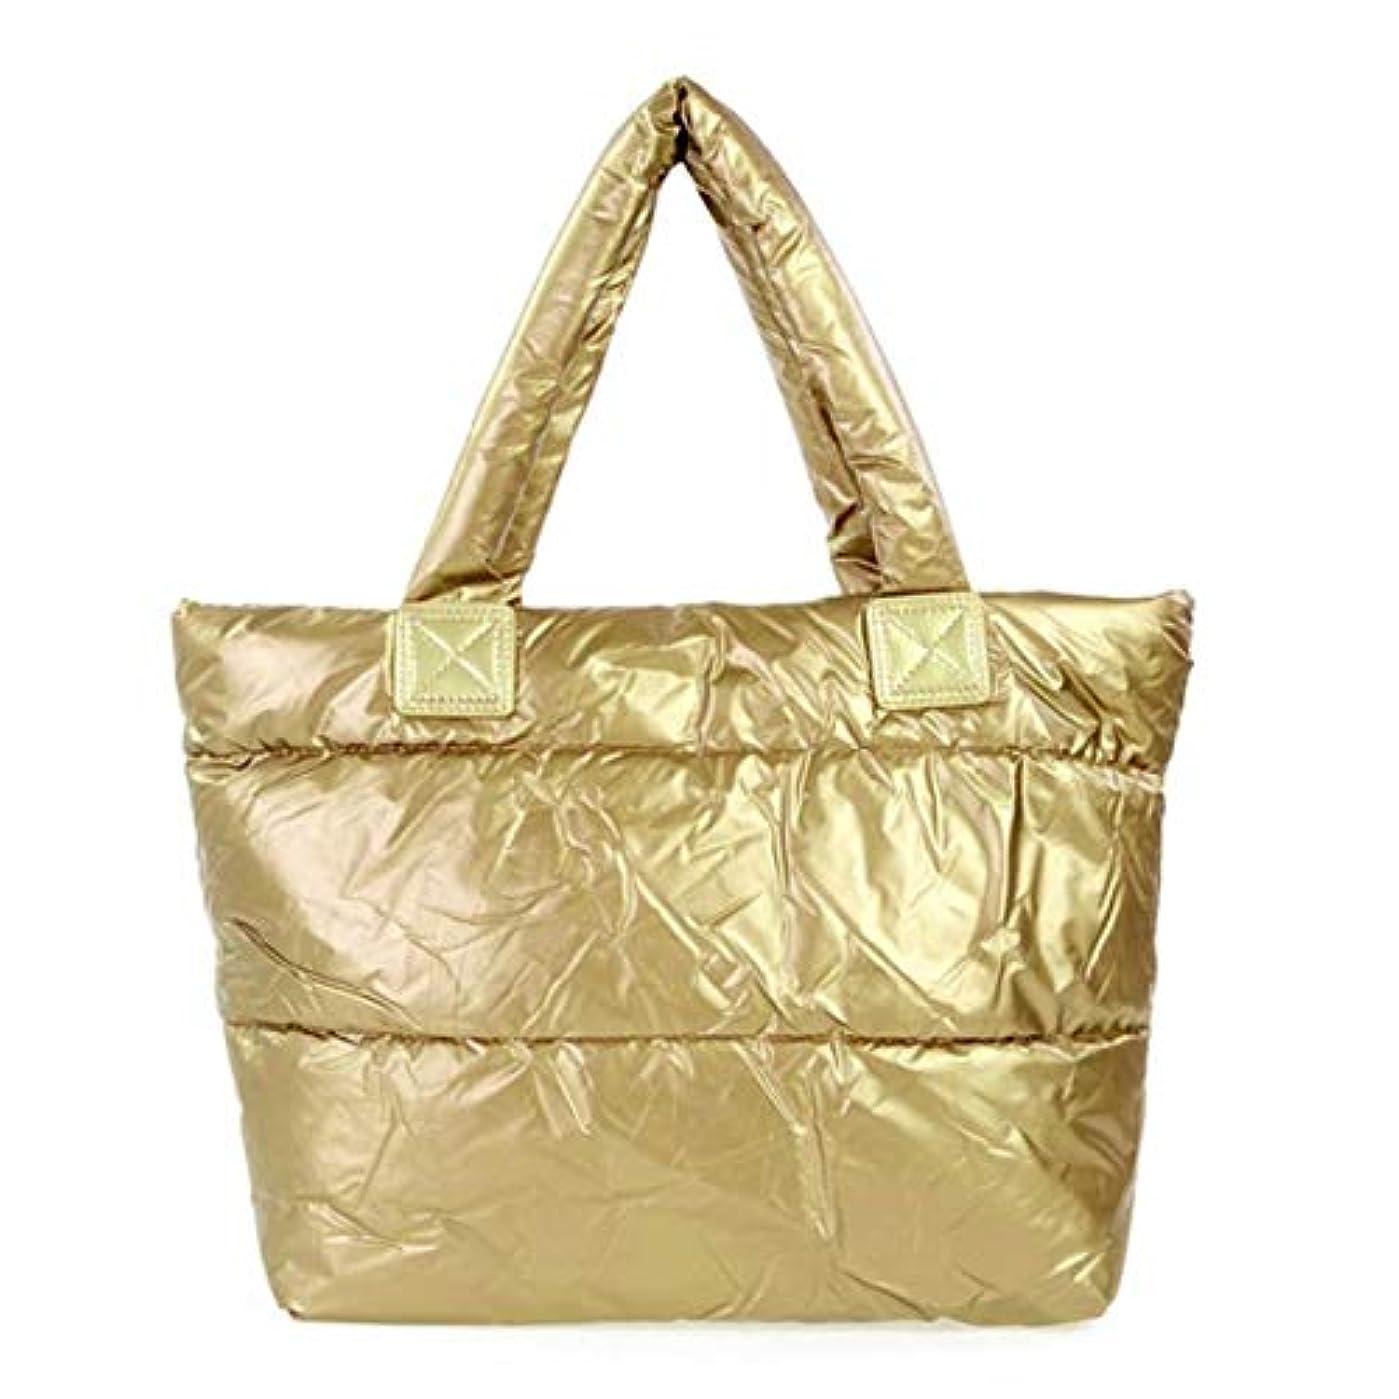 キャンパス特殊コンサルタントレディースバッグスペースバッグスポンジショルダーハンドバッグポータブルレディコットンパッド入りバッグ冬大容量トートバッグハンドバッグ-ゴールド